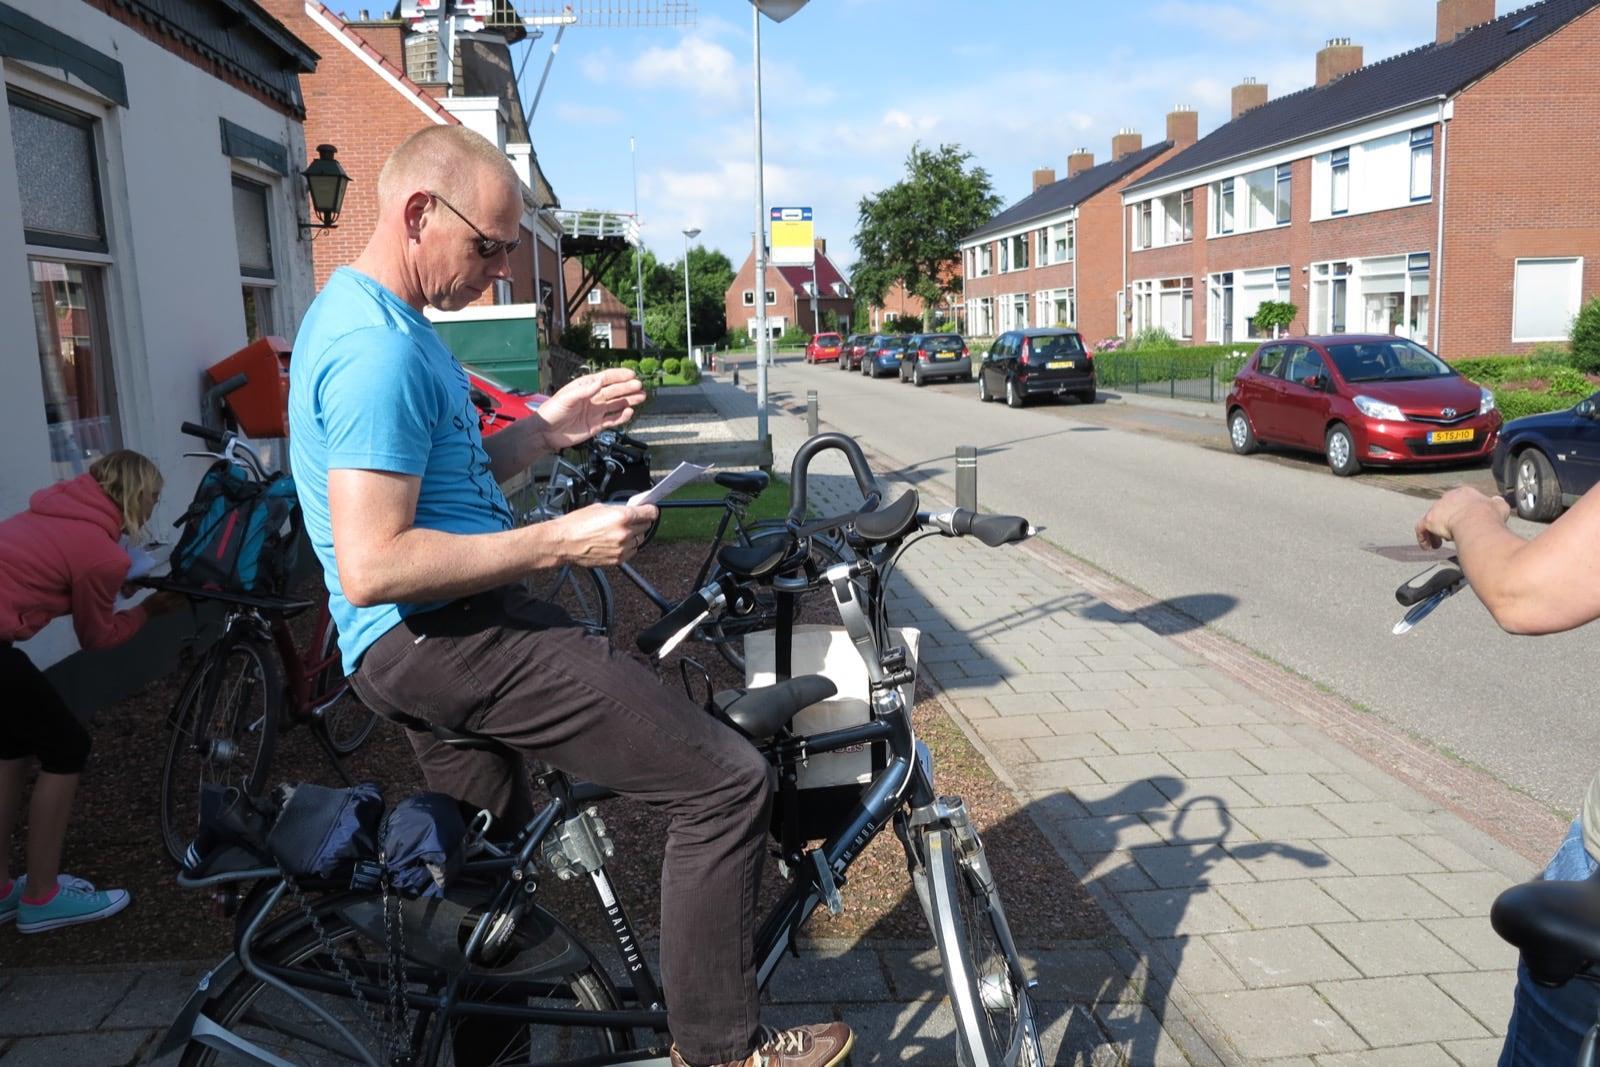 et-fiets-en-fietser-49-thesinger-fietstocht---cor-van-zanten-oi.jpg